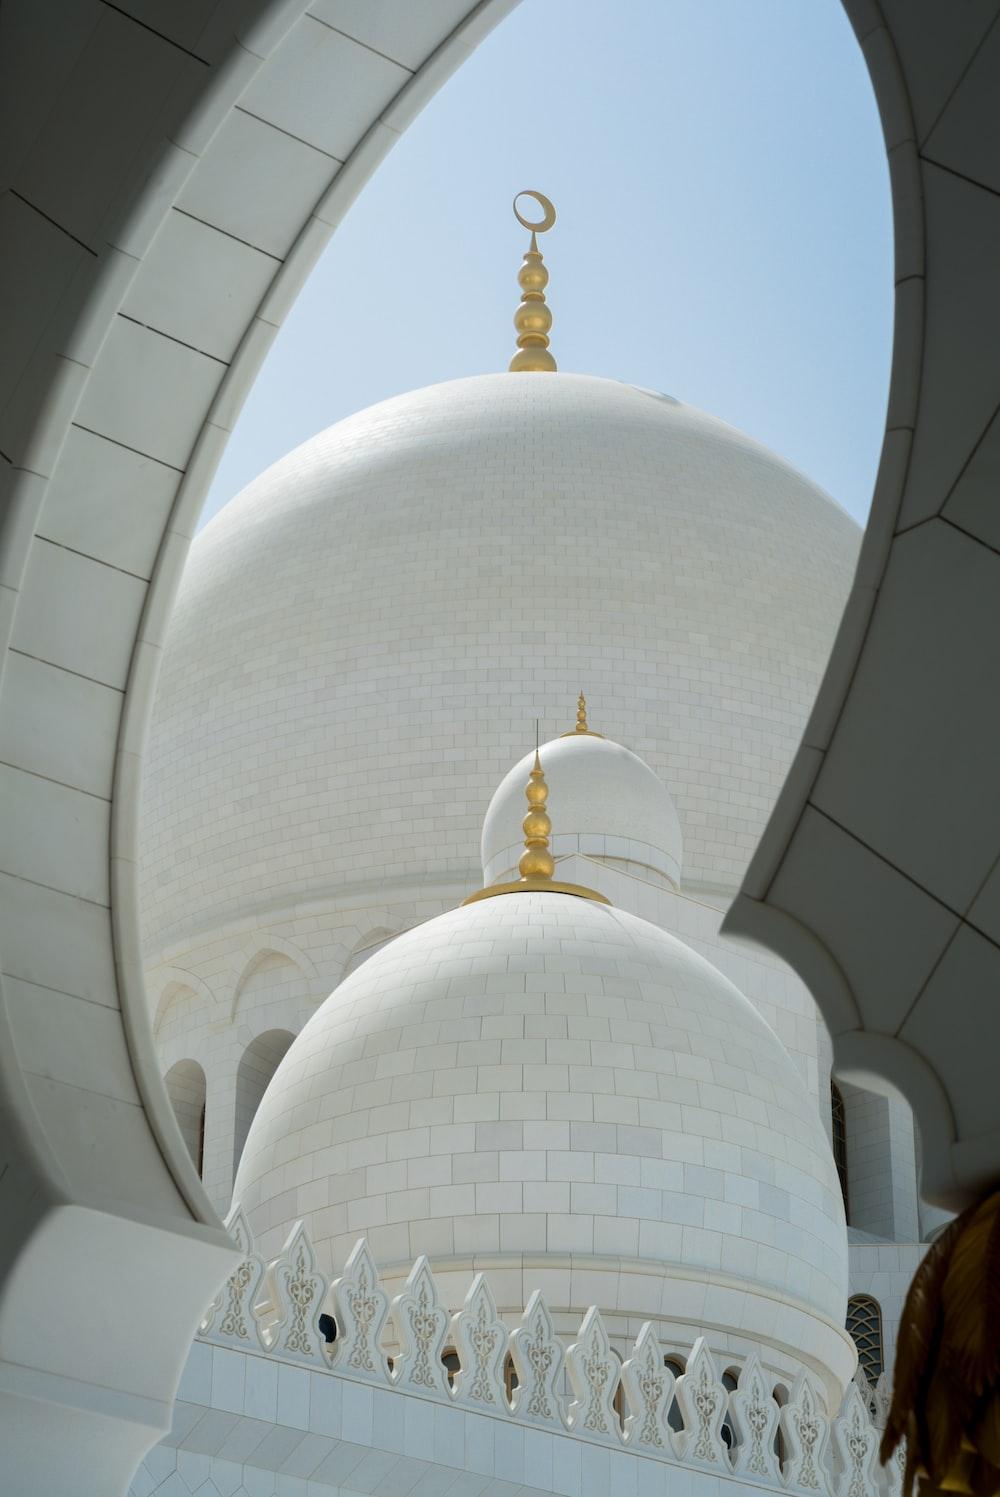 white dome mosque